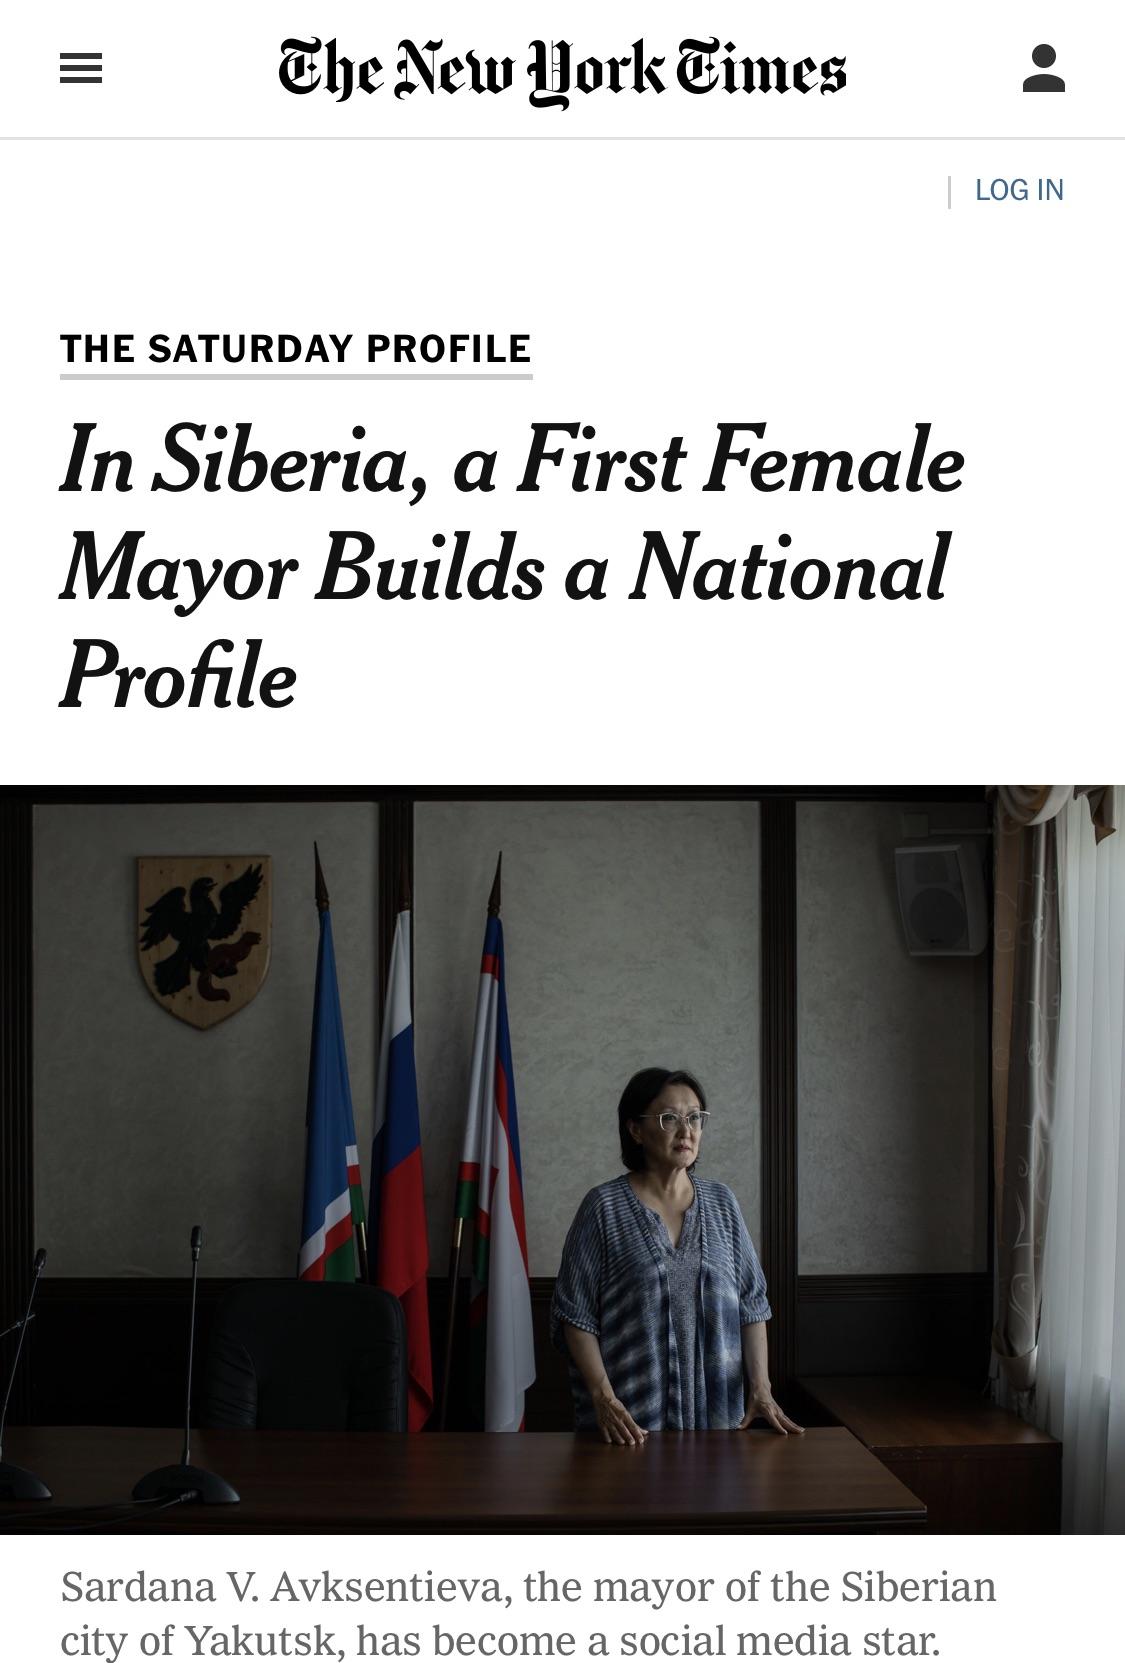 В какую сумму обошлось казне статья о мэре Якутска в газете «The New York Times»?